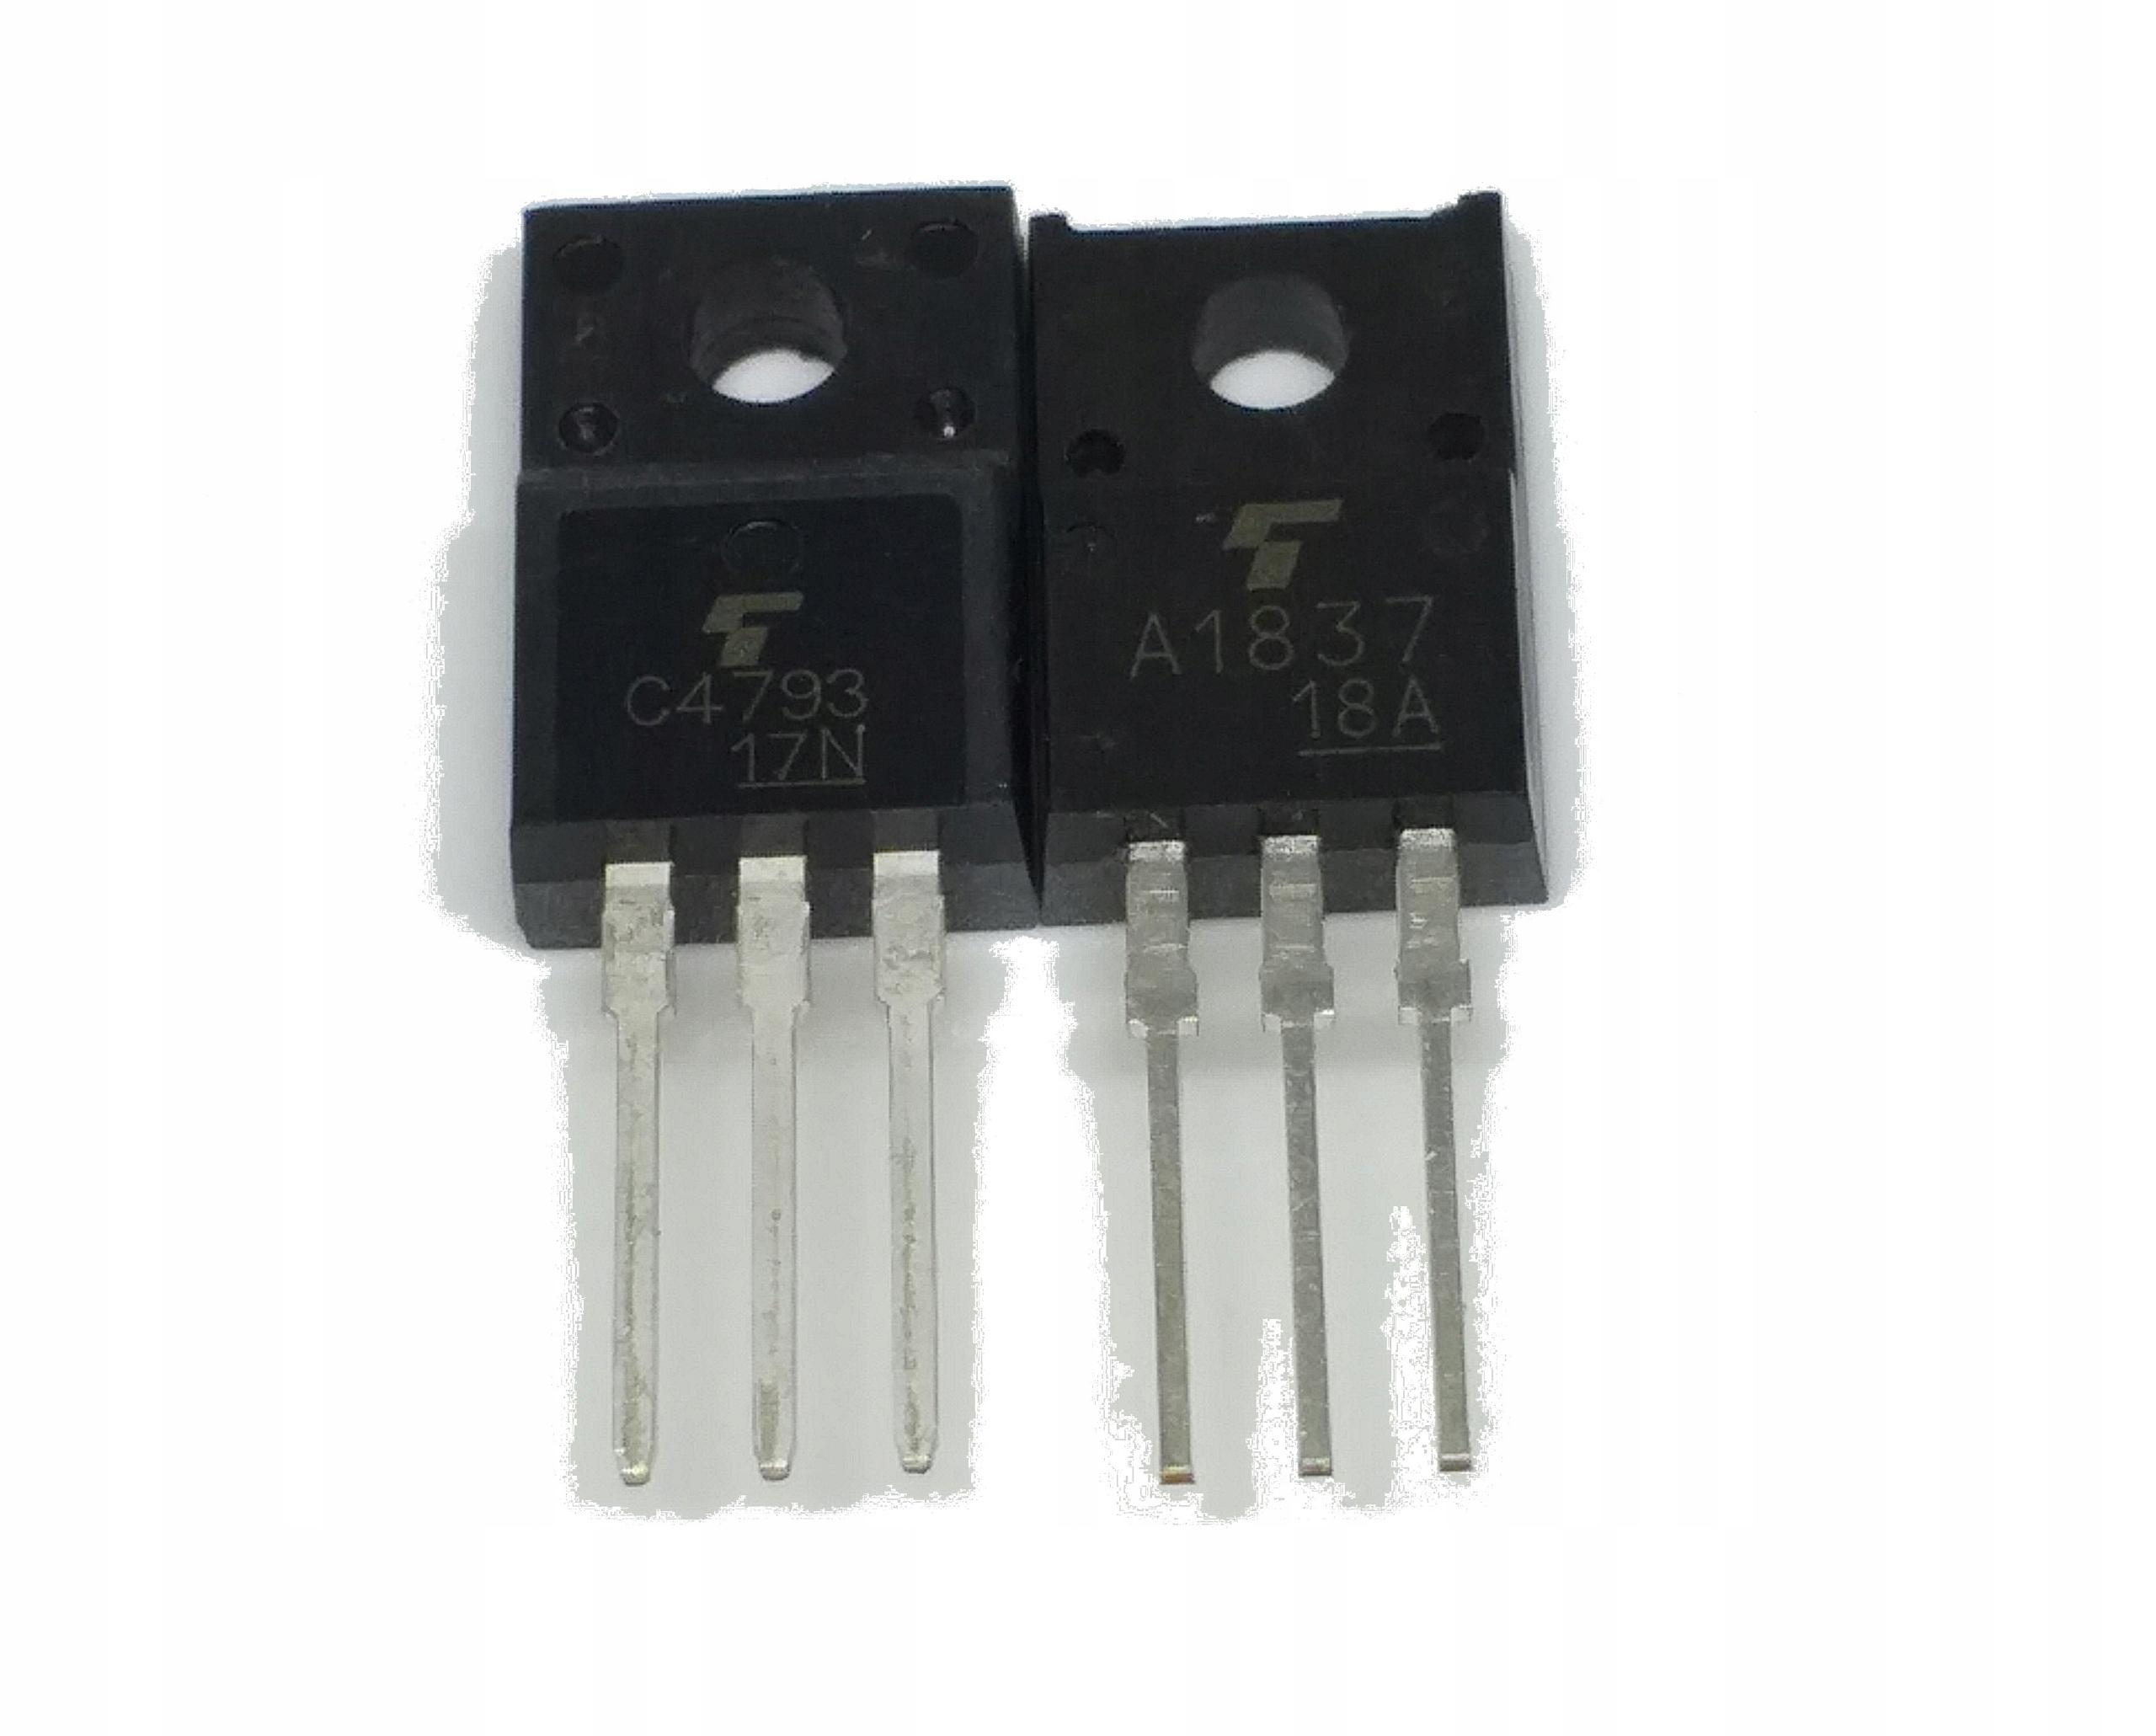 Tranzystor 2SC4793 + 2SA1837 komplet